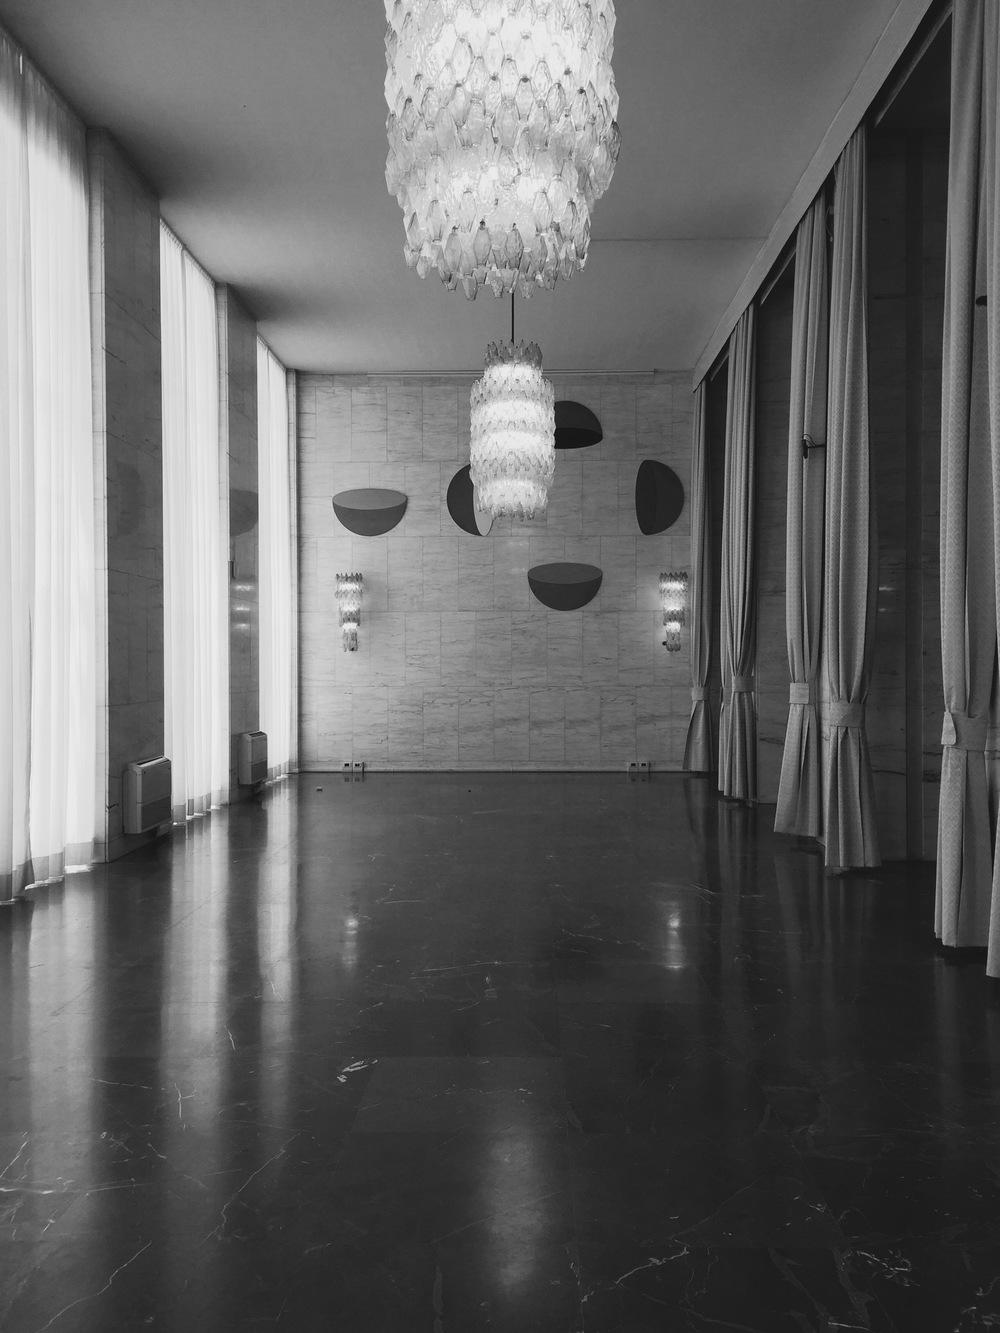 ministero-degli-affari-esteri-denis-bosnic-photography-porte-aperte-farnesina-indietro-interior-3.jpg